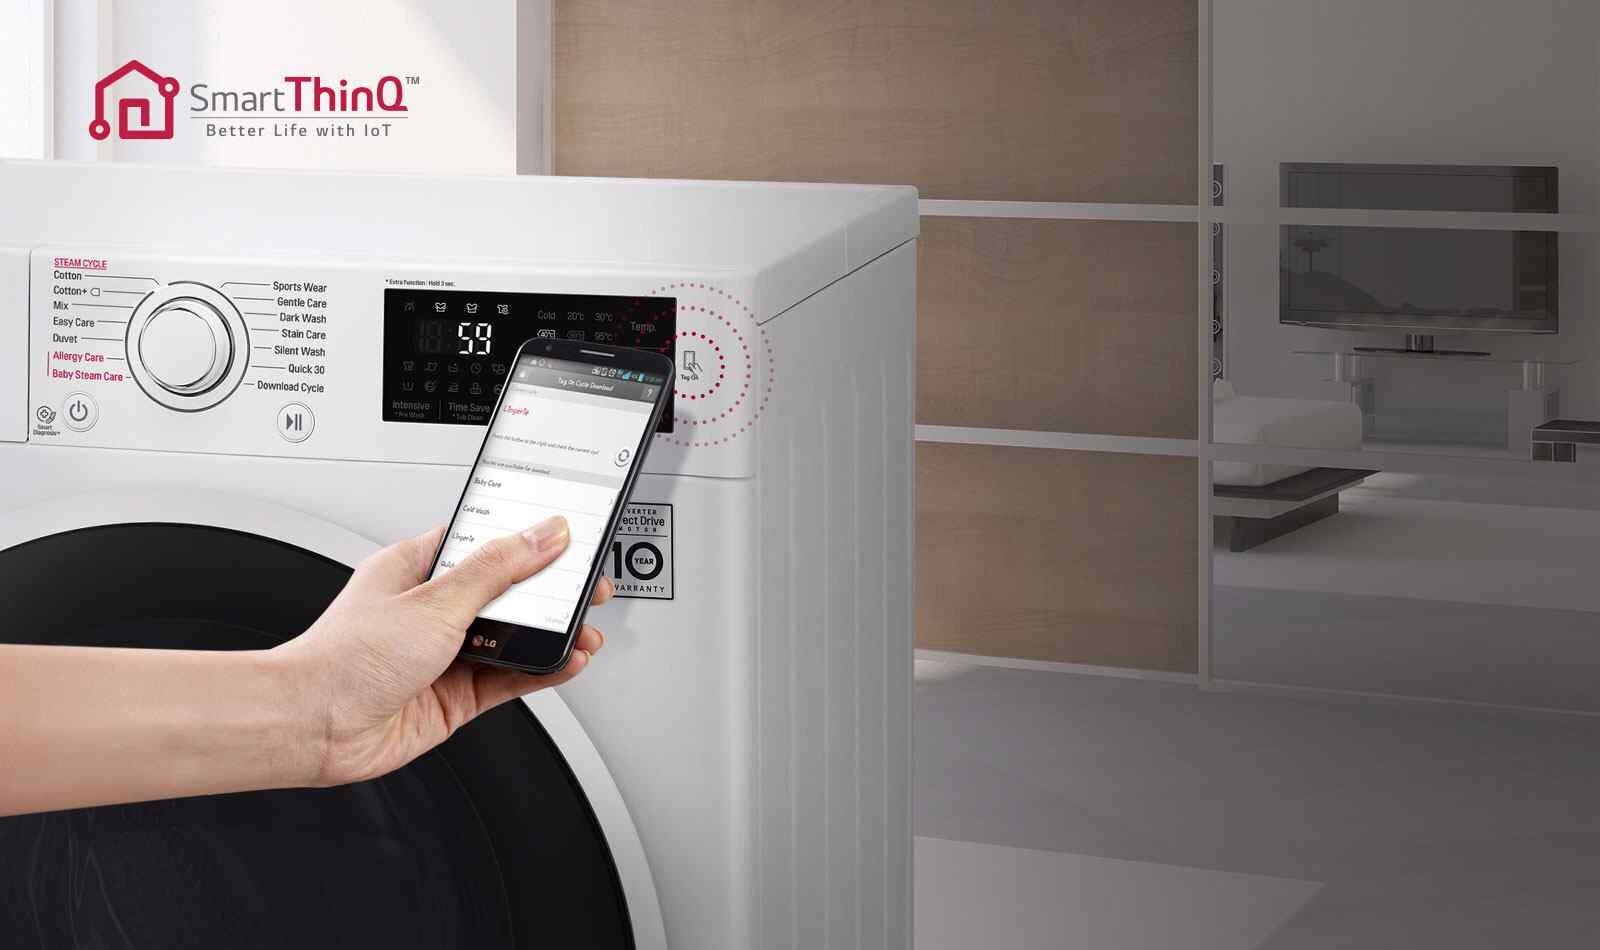 Công nghệ SmartThinQ trên máy giặt sấy LG FC1409D4E